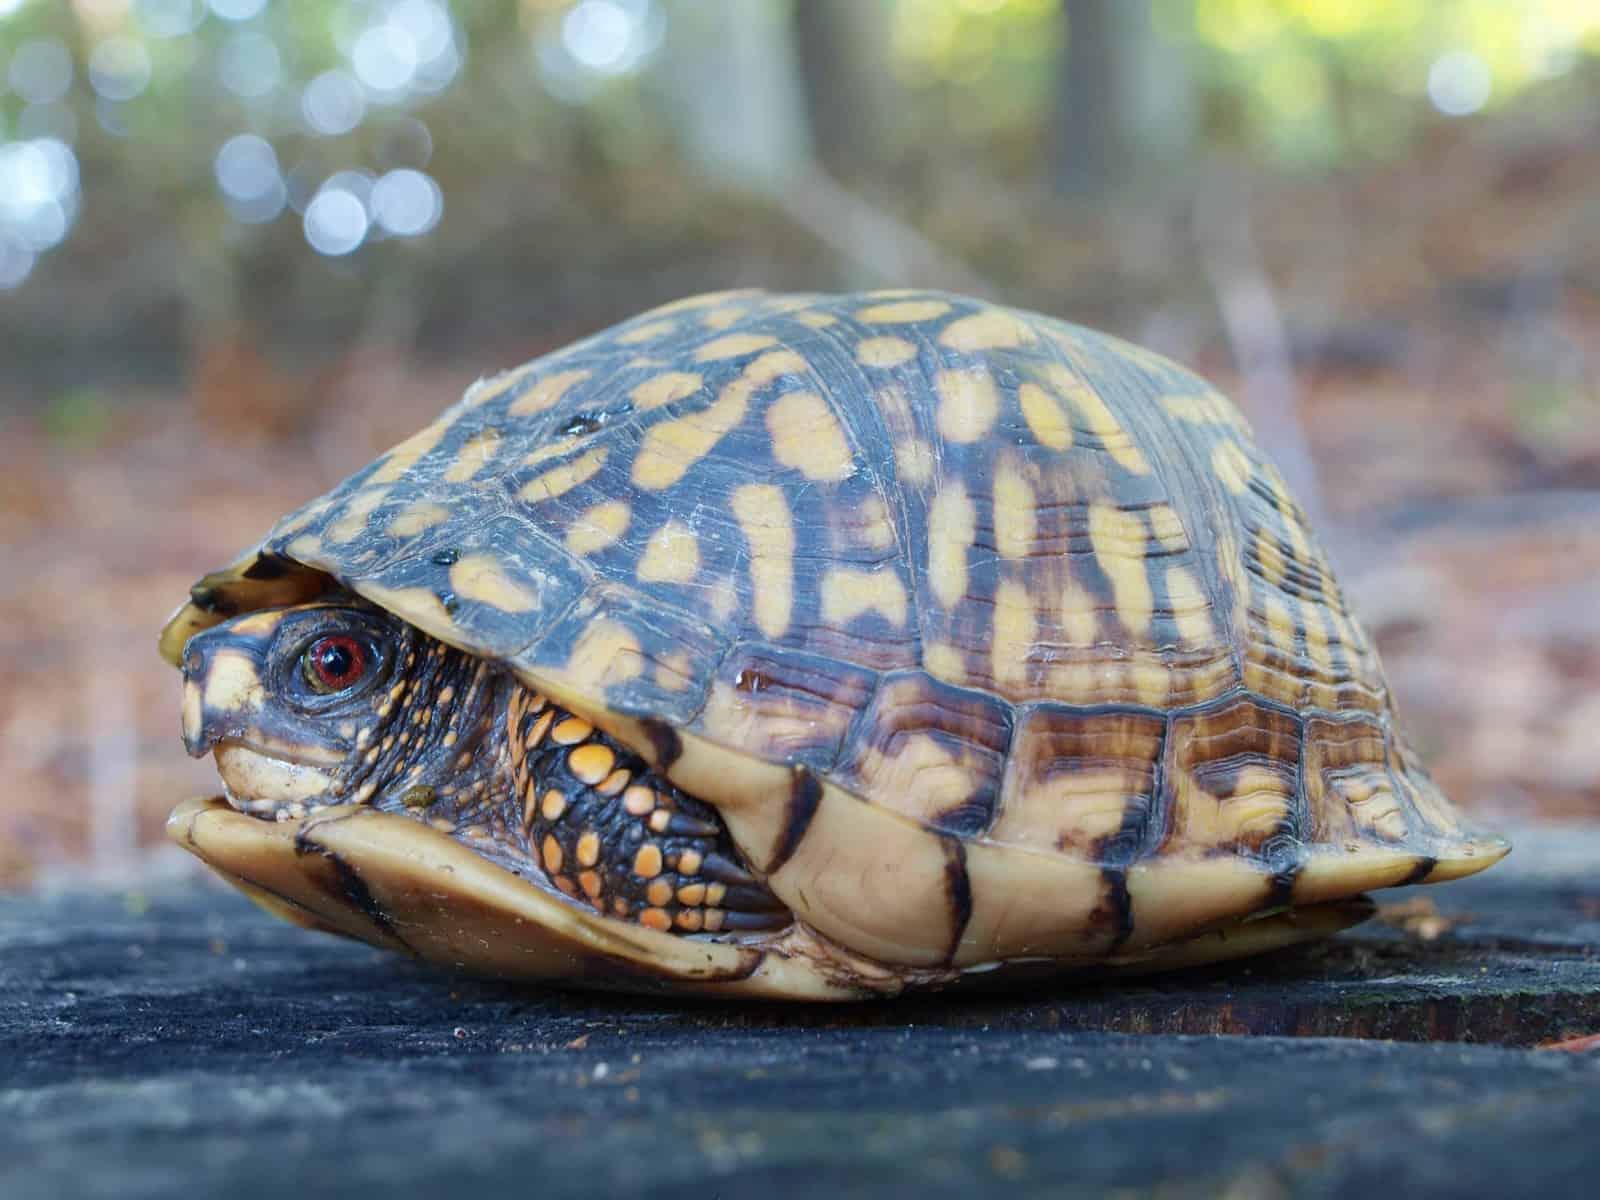 Eastern Box Tortoise